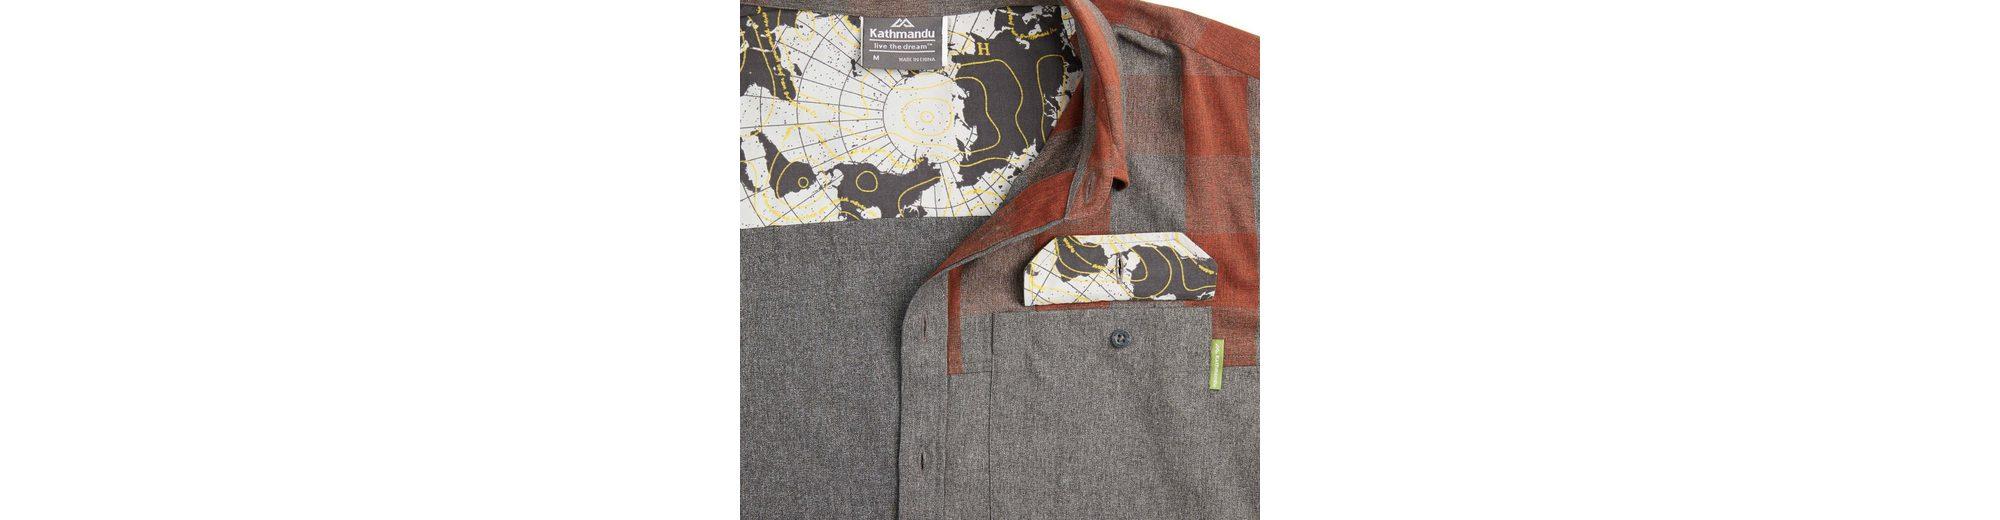 Kathmandu Leichtes Reisehemd für Herren Federate v2 Spielraum Niedriger Preis Spielraum Beste Geschäft Zu Bekommen Outlet Kollektionen h0BPAjwf94